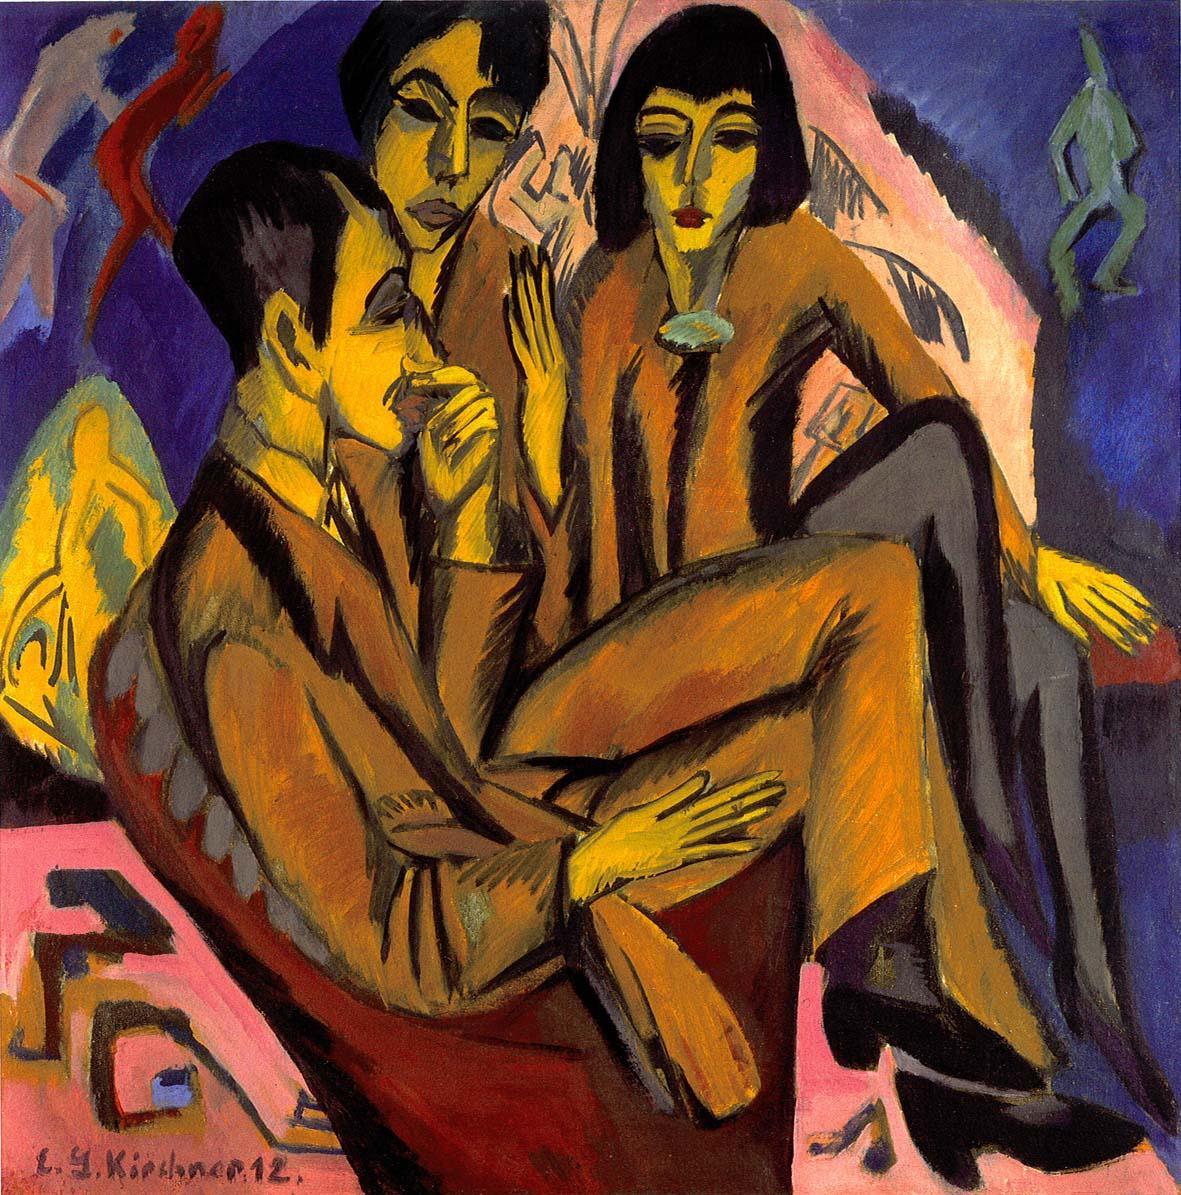 La forza rivoluzionaria dell'espressionismo tedesco, al MAN di Nuoro